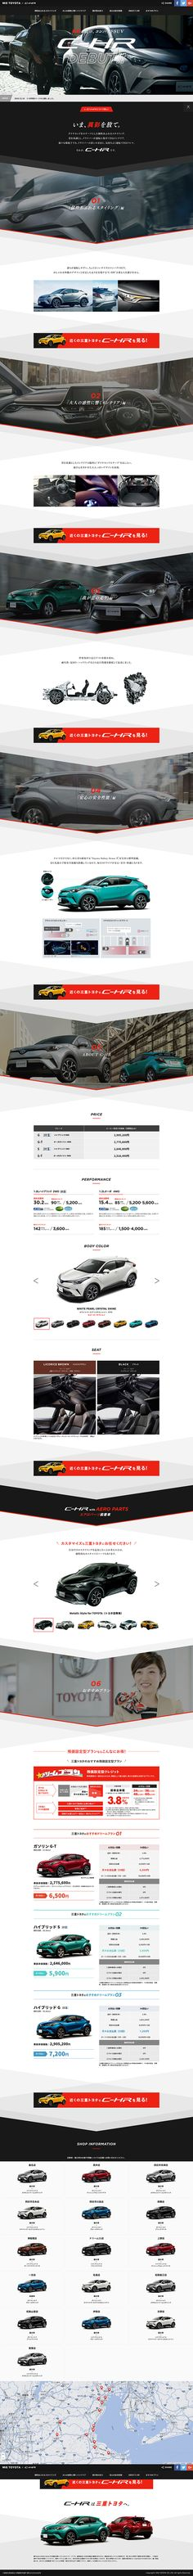 C-HR【車・バイク関連】のLPデザイン。WEBデザイナーさん必見!ランディングページのデザイン参考に(かっこいい系)